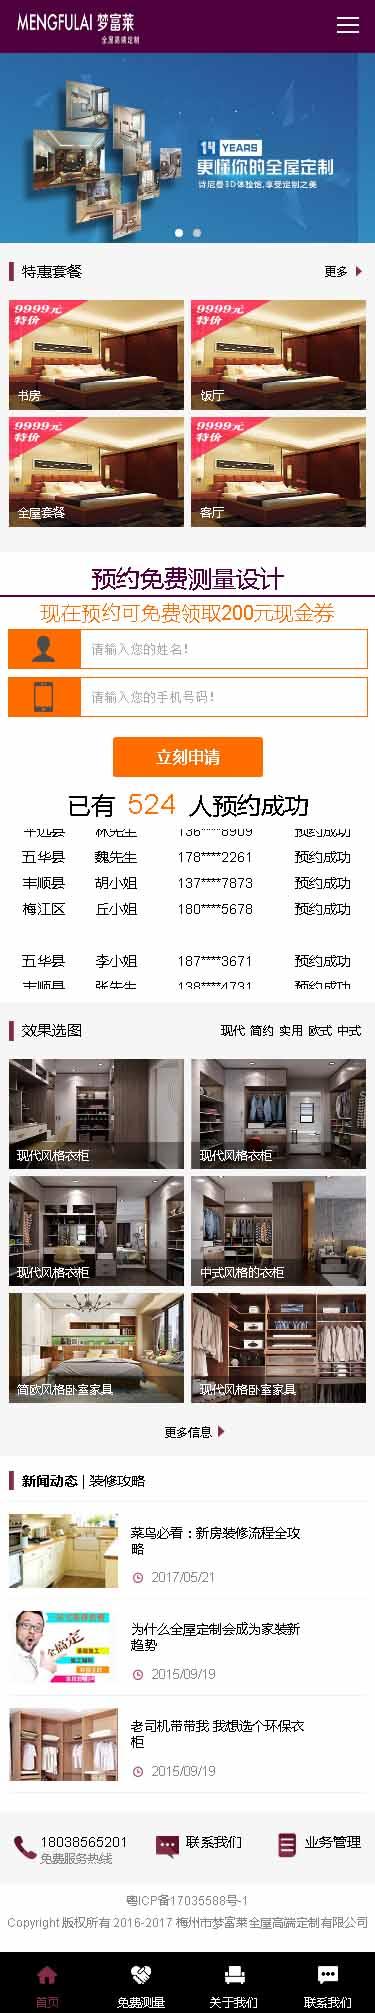 梅州市梦富莱全屋定制有限公司(手机版)